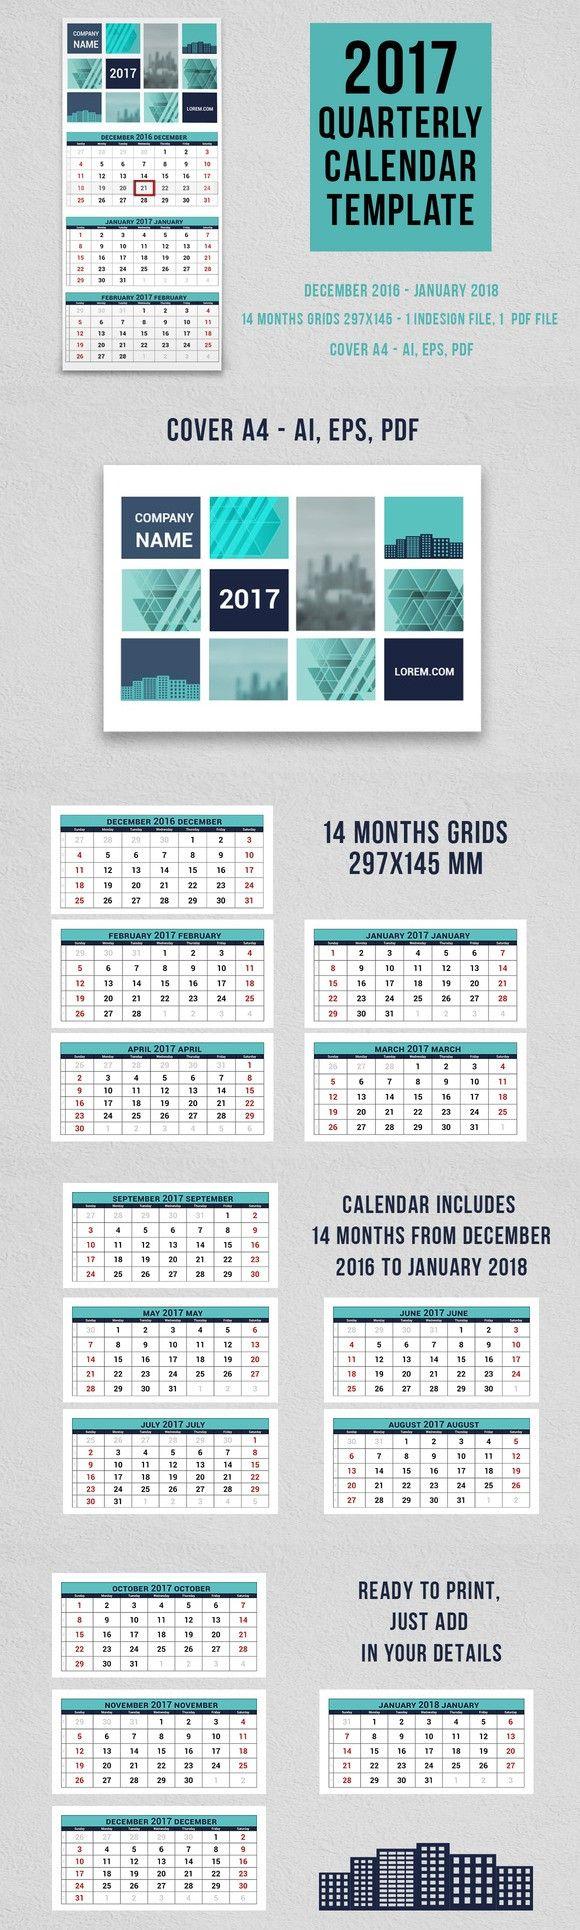 2017 Quarterly Calendar Template Stationery Templates 1000